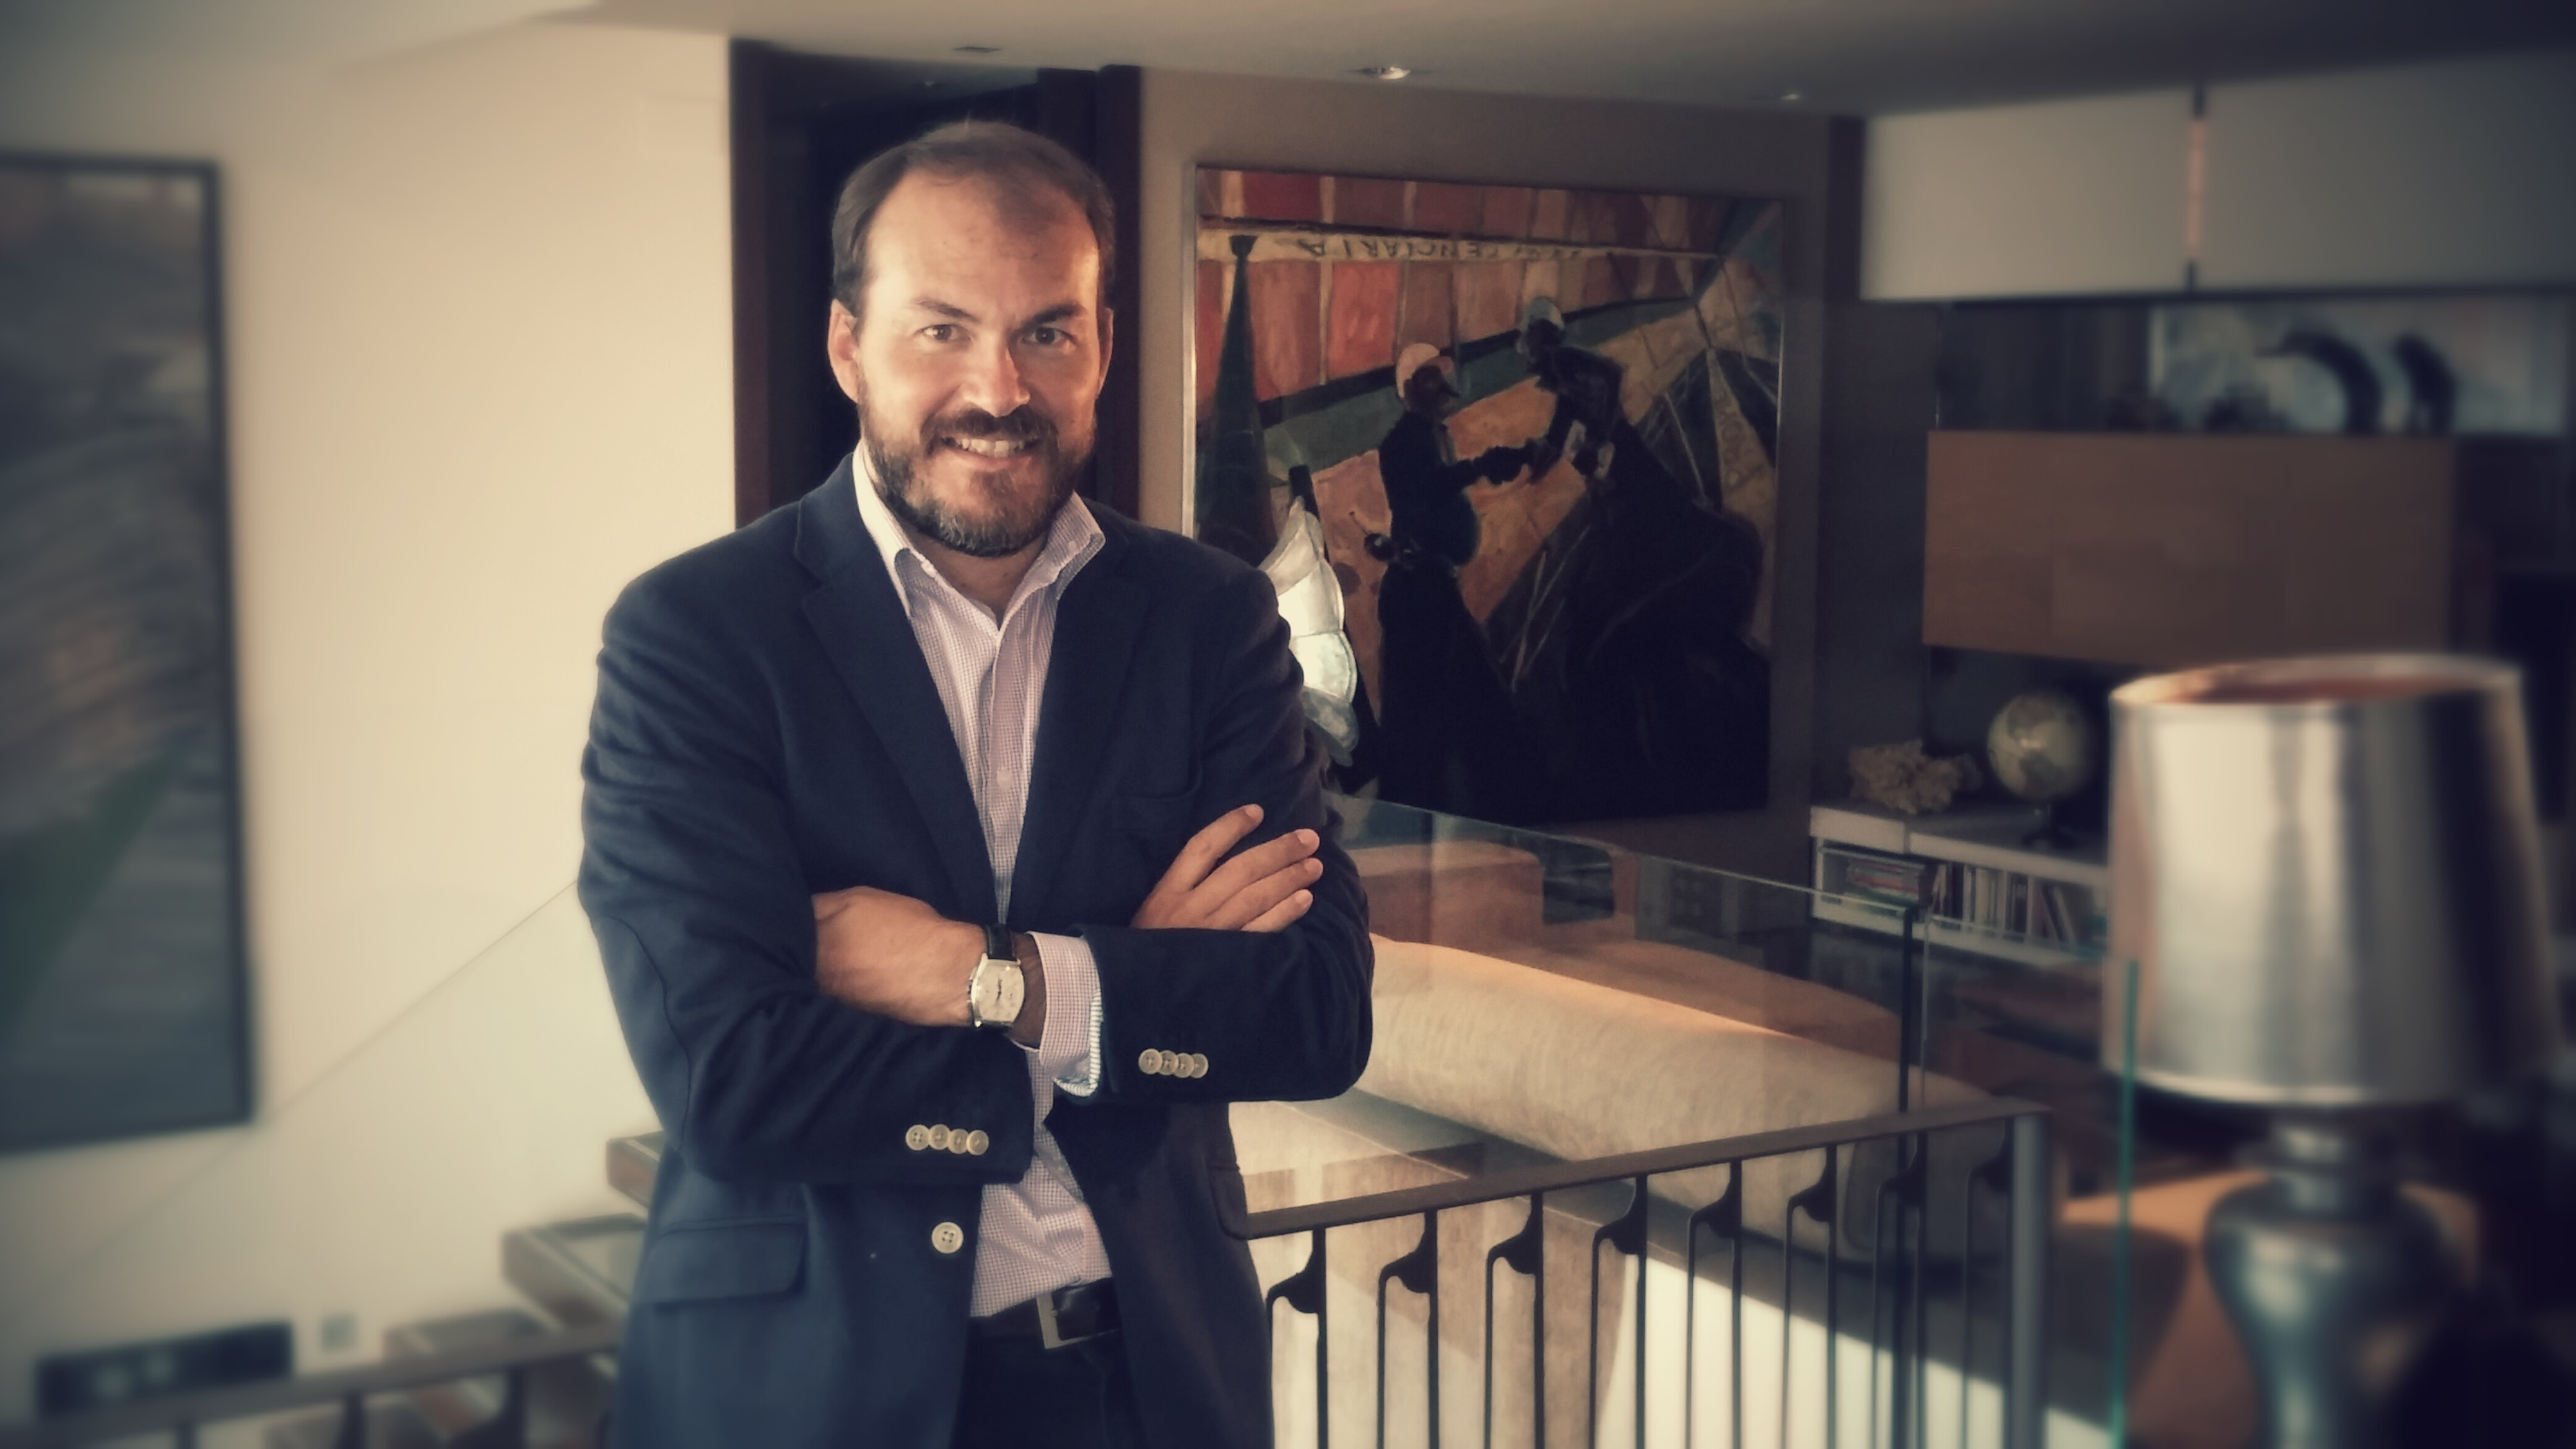 AlejandroCollantes